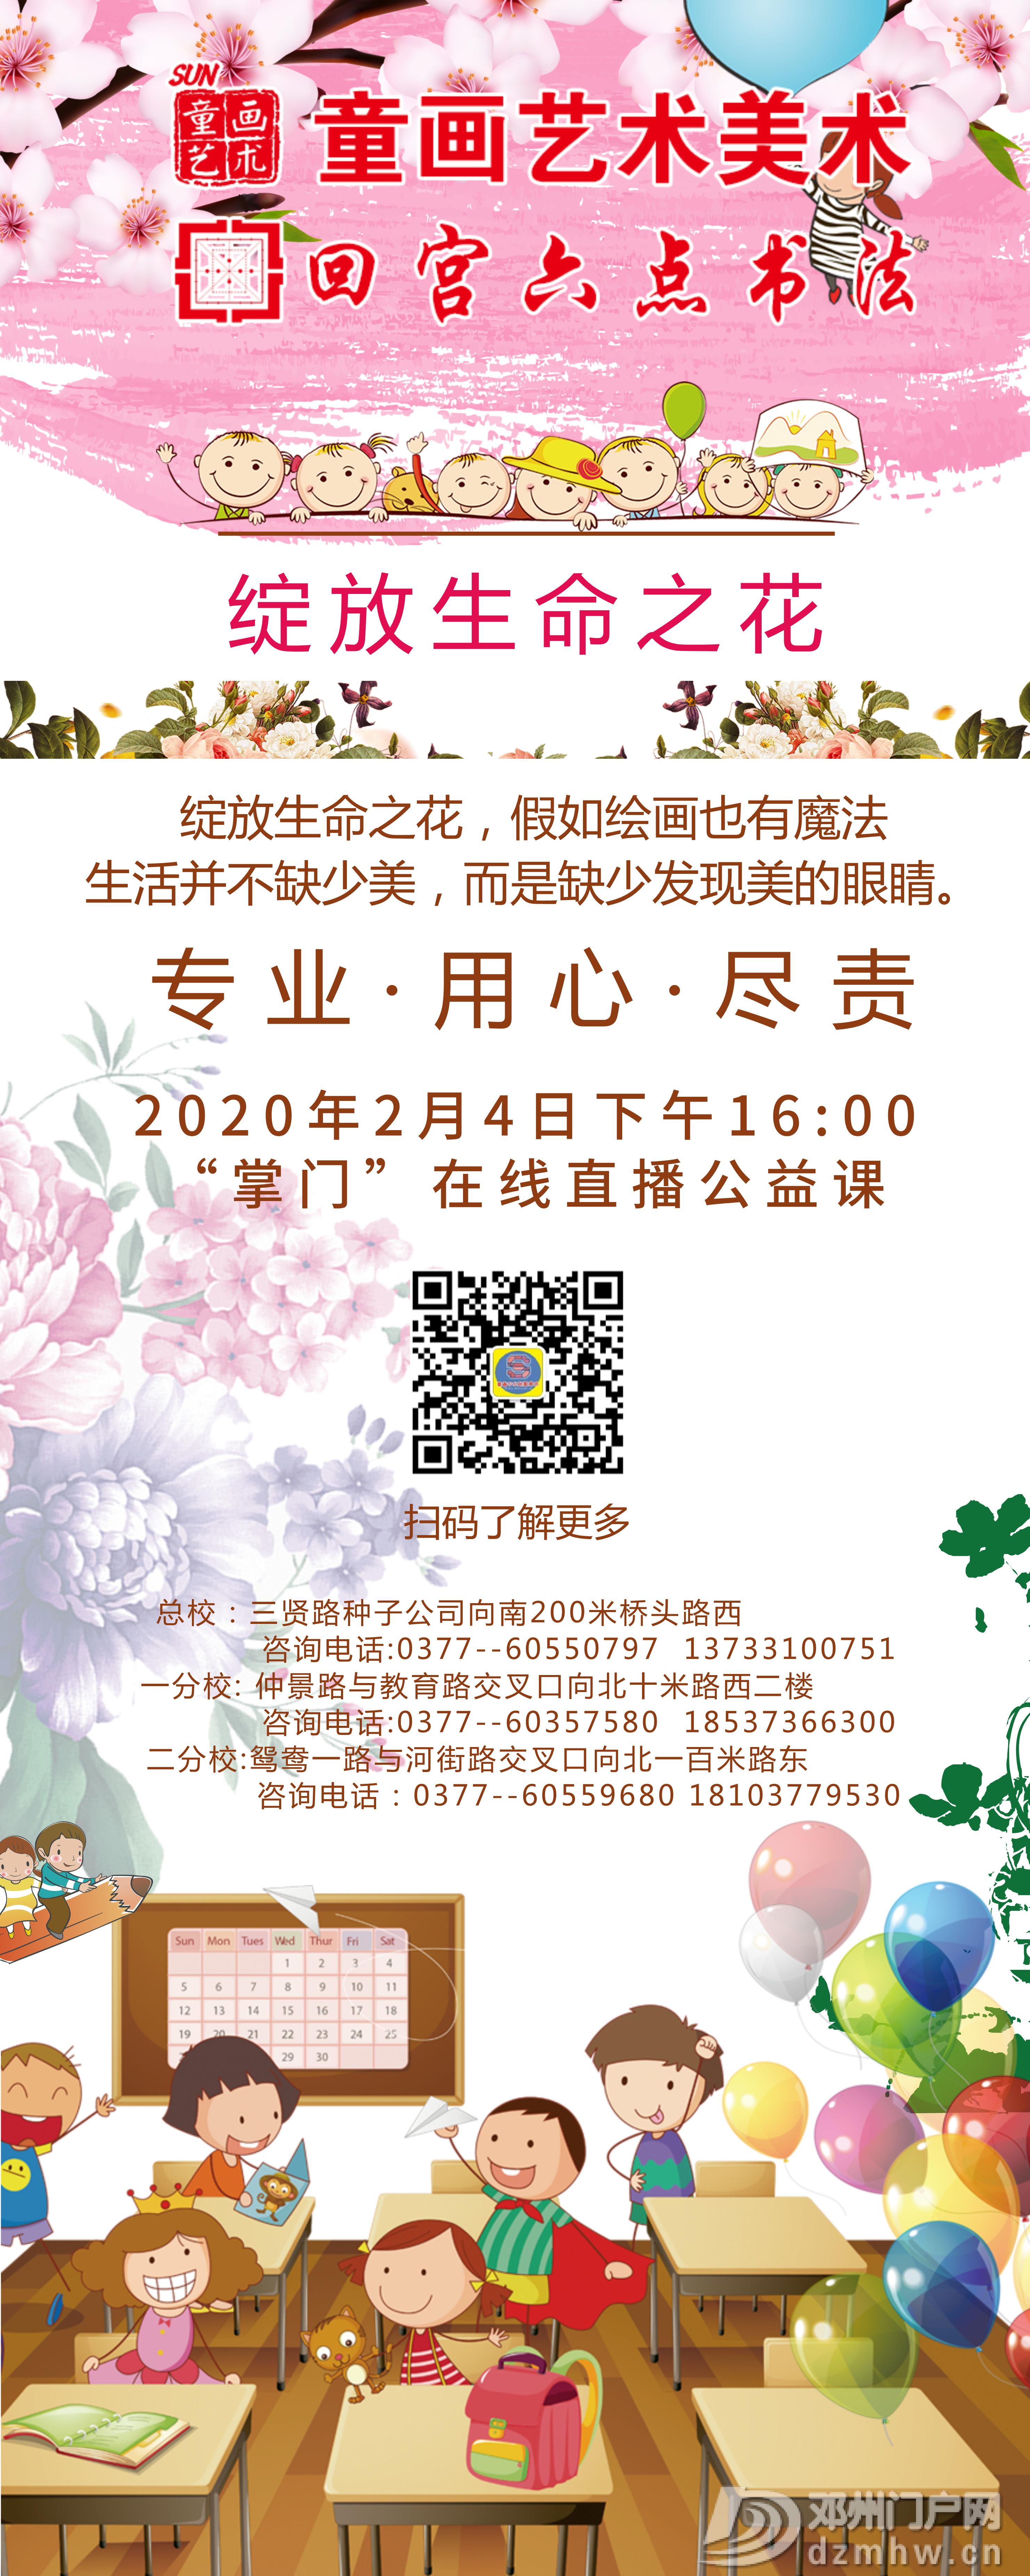 童画艺术——今日线上课程 - 邓州门户网 邓州网 - 123.jpg